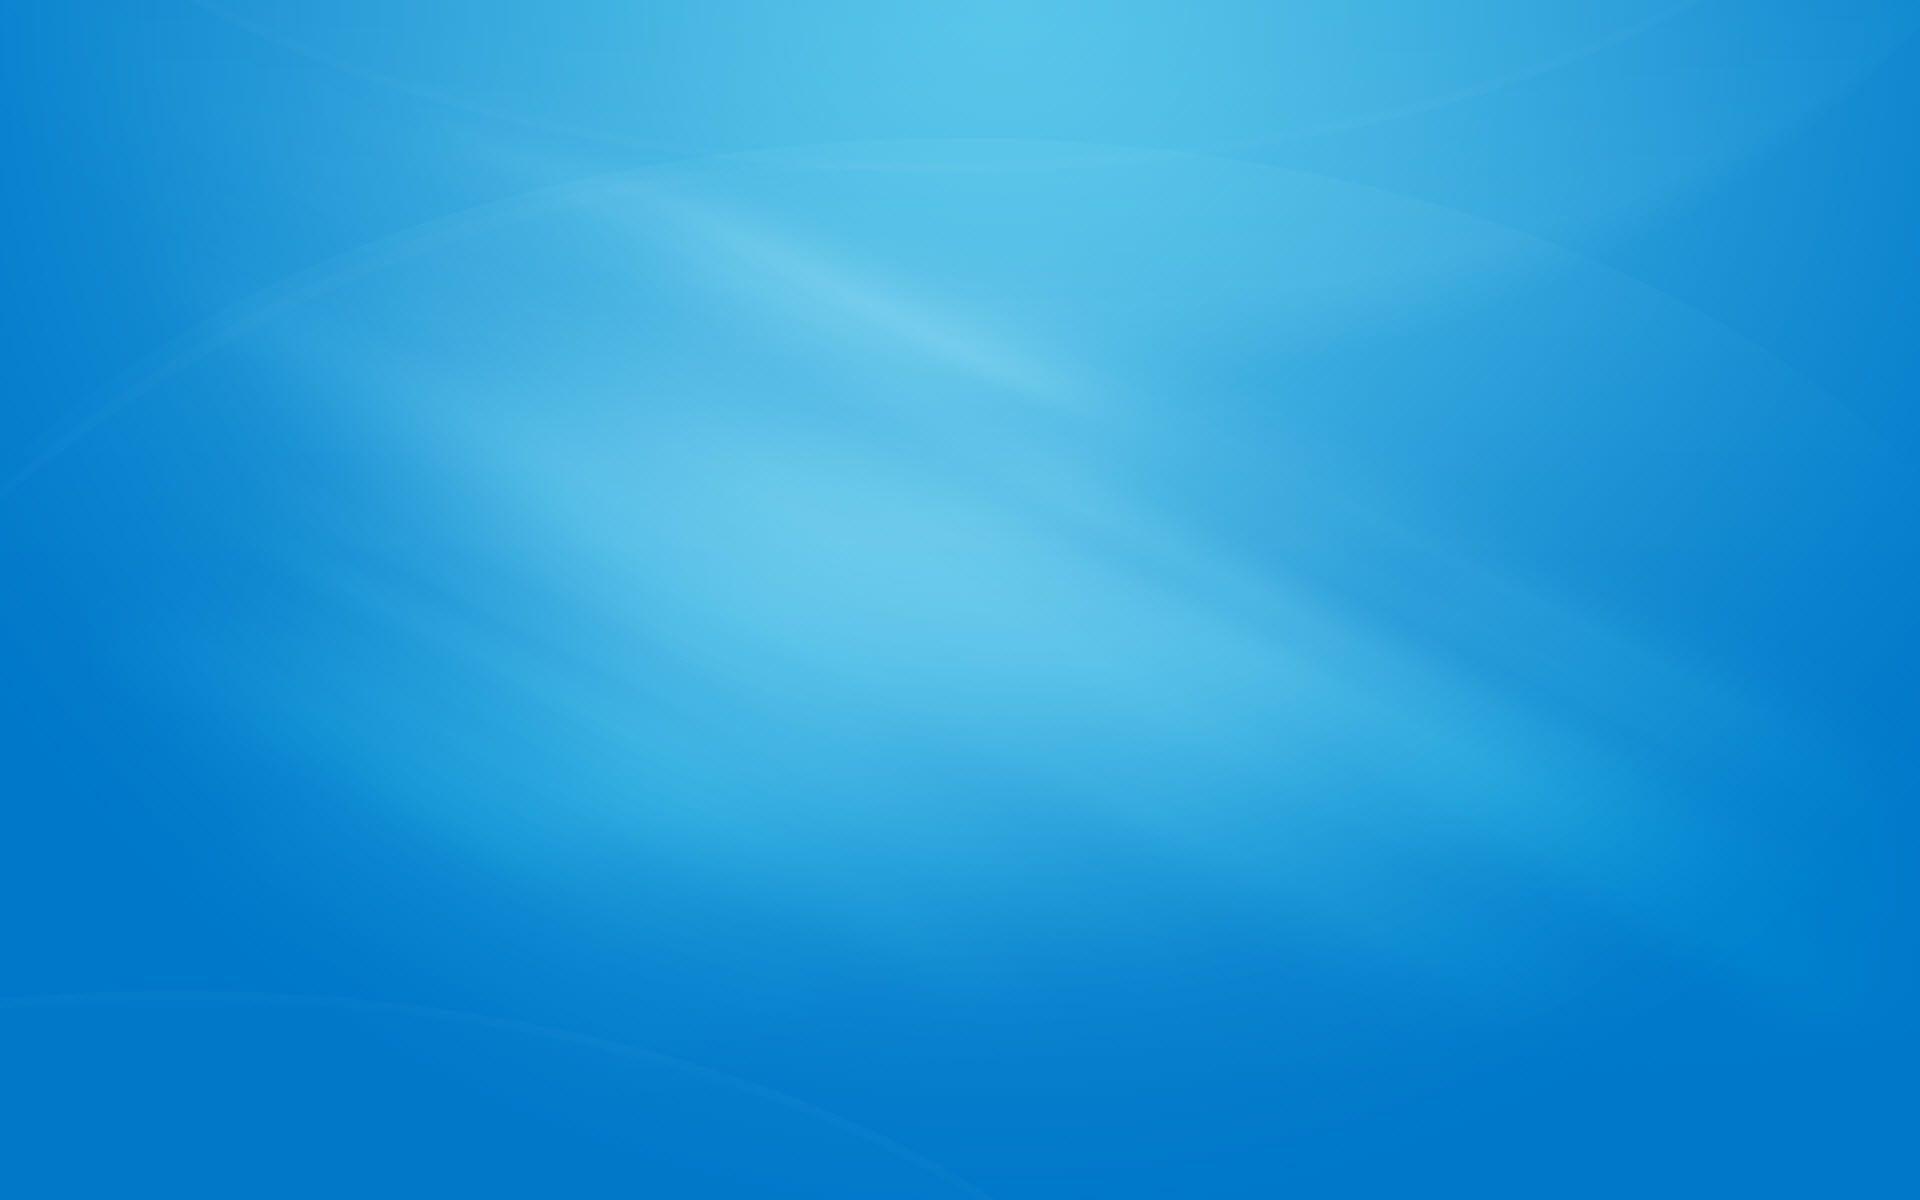 Blue Desktop Backgrounds